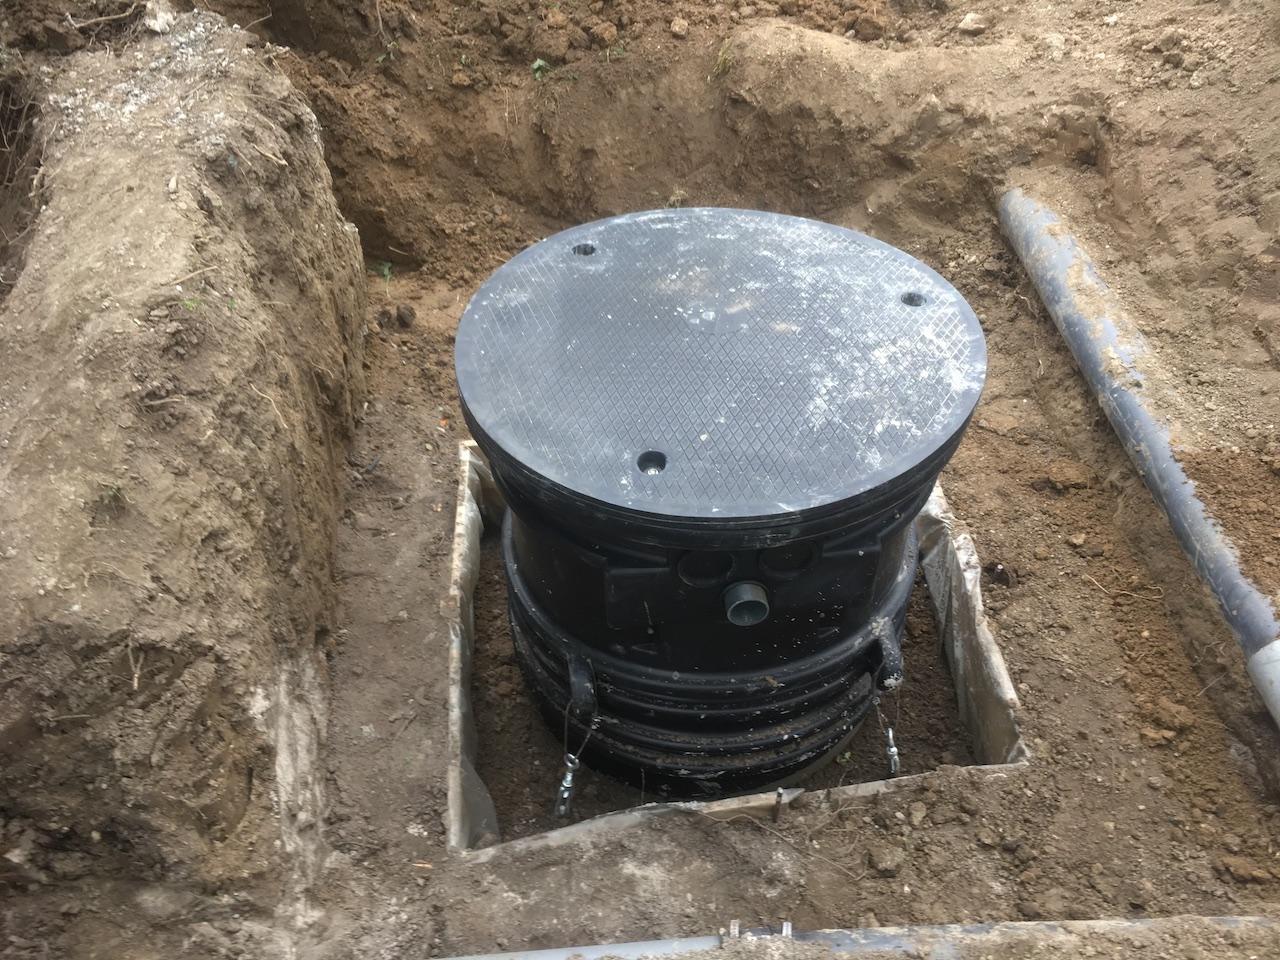 Lestage béton en périphérie de la fosse de relevage